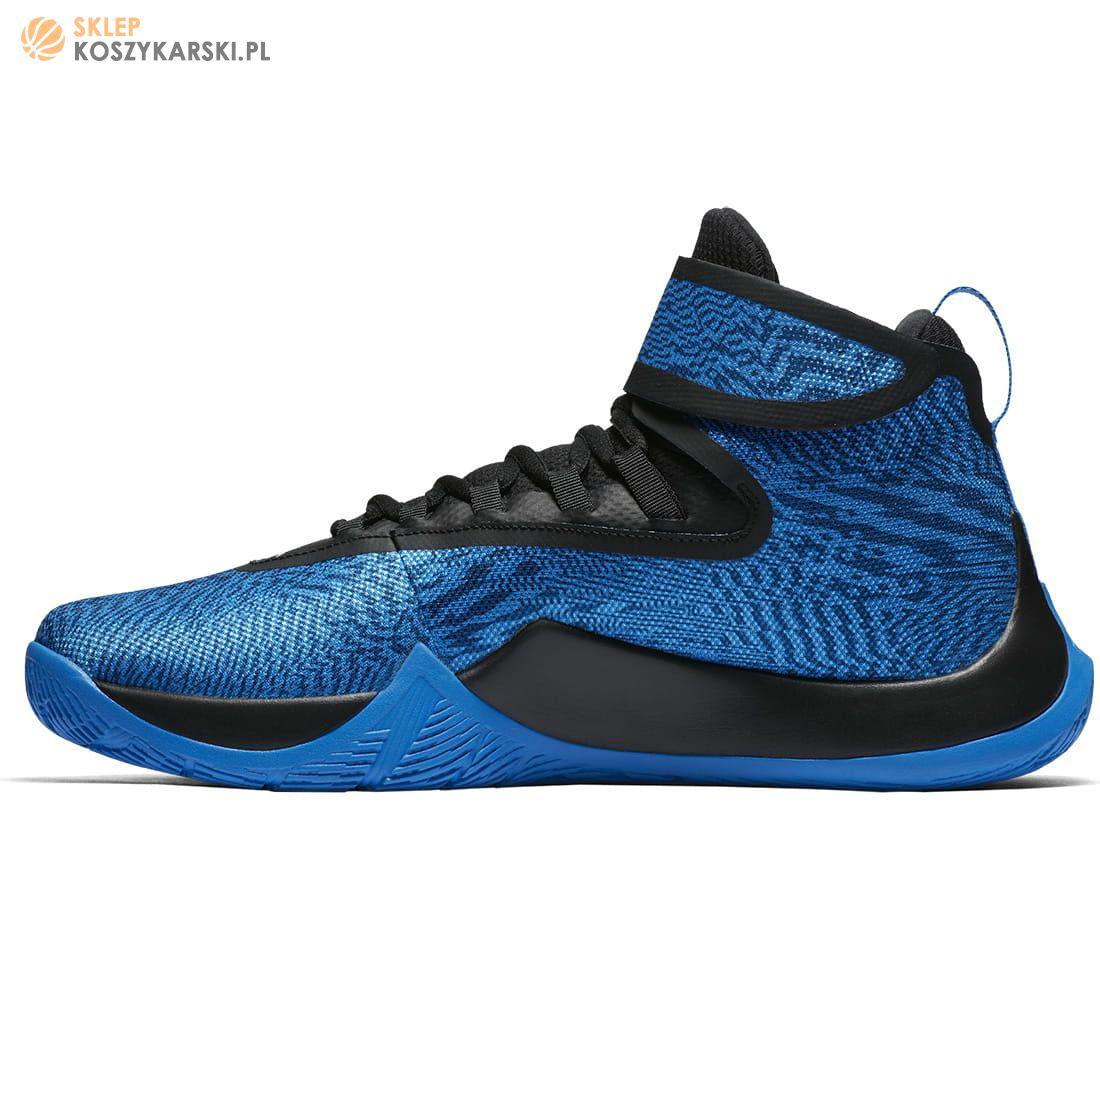 size 40 835e8 9d7d8 ... Buty do koszykówki Jordan Fly Unlimited Blue ...